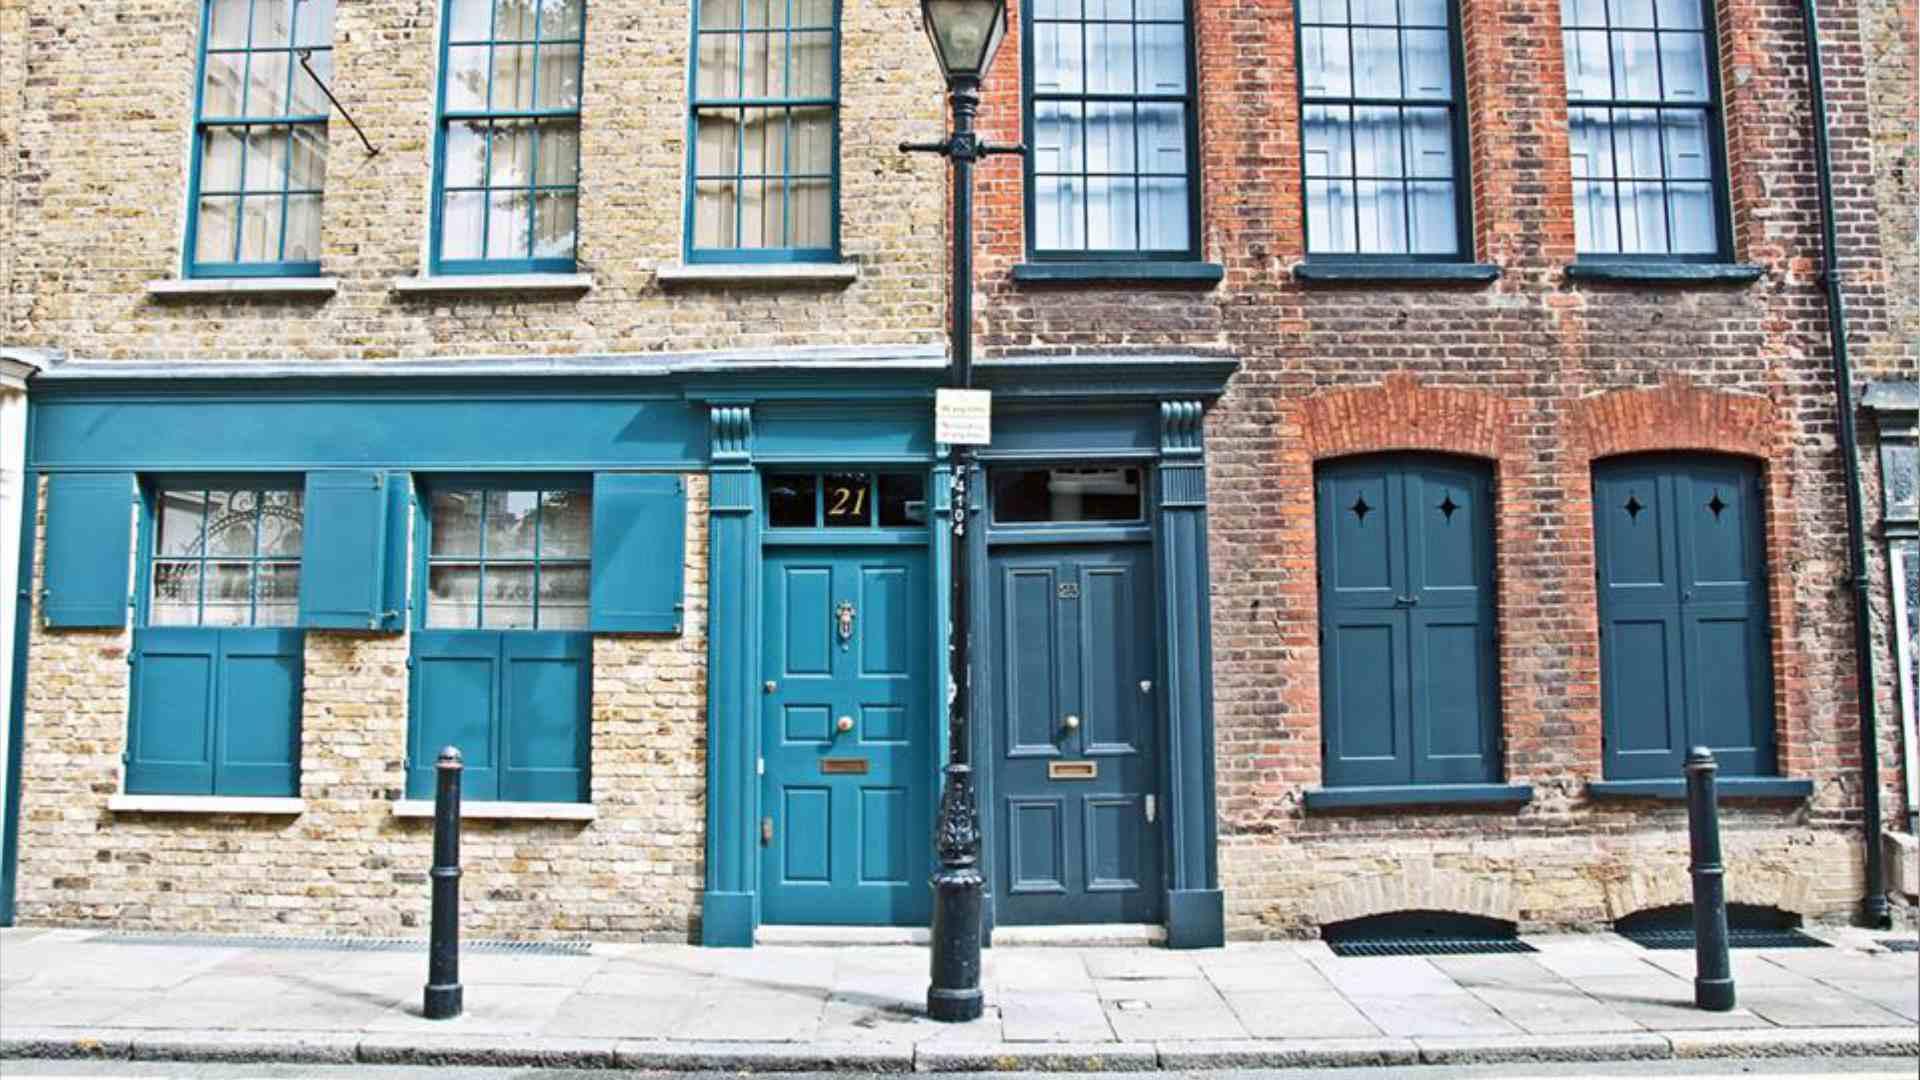 21-23 Fournier Street - Spitalfields